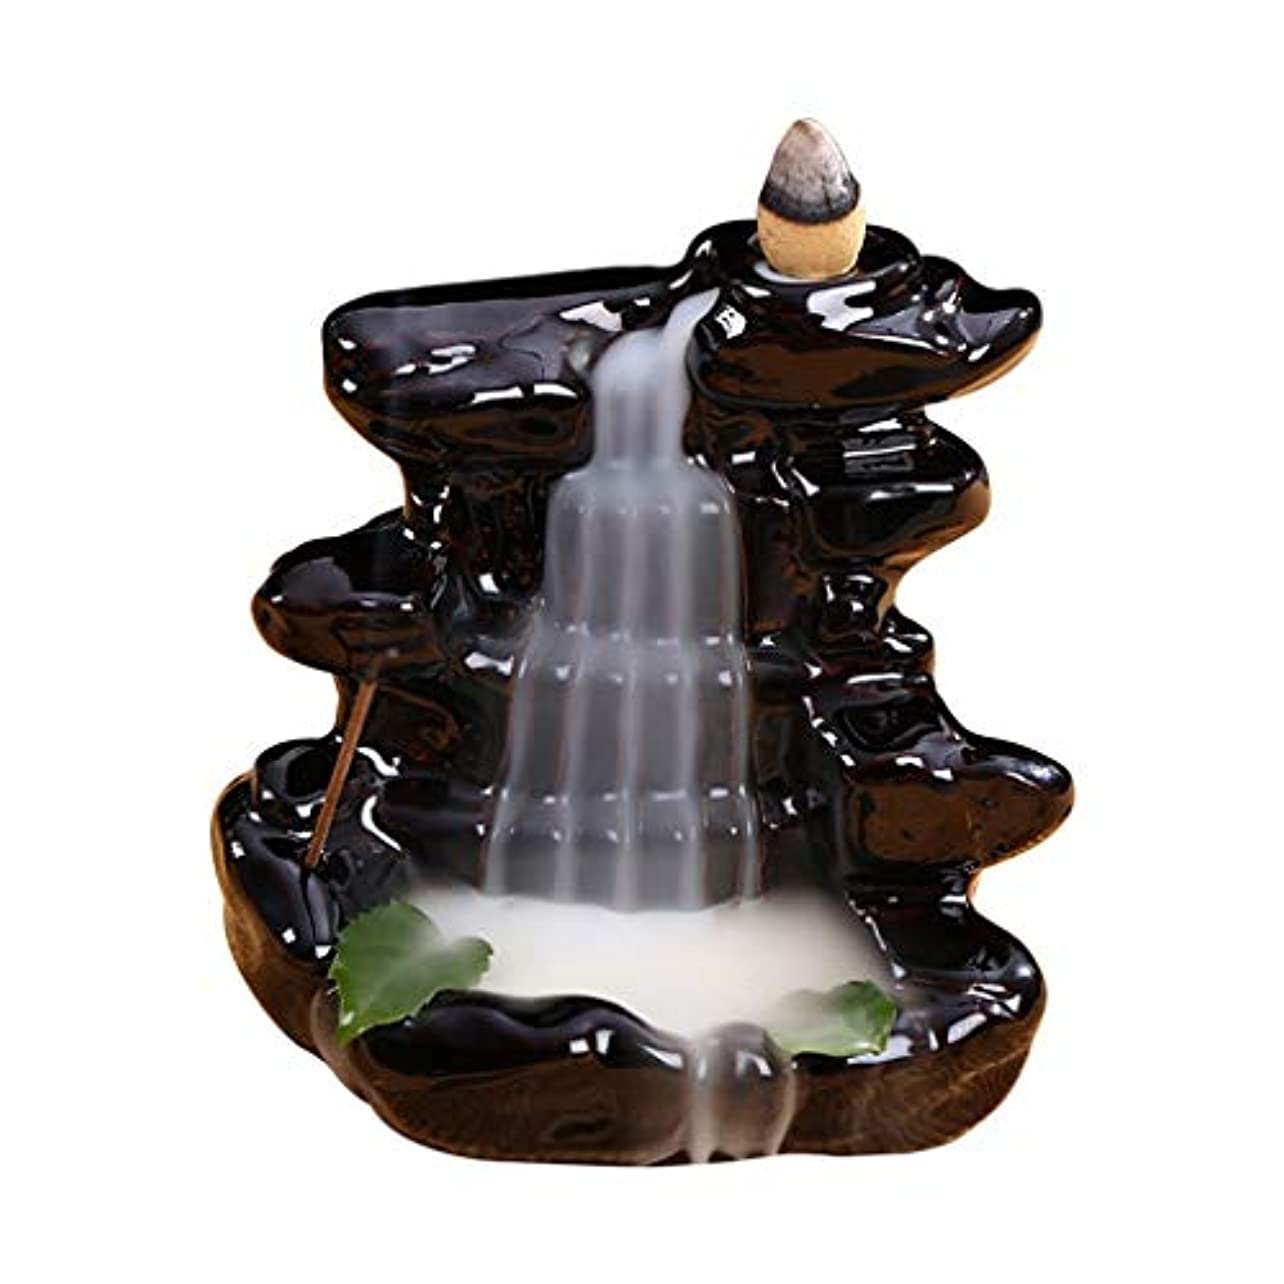 スカリーメロディアス和クリエイティブ家の装飾逆流スティック香バーナーセラミック香炉家の装飾使用家茶屋滝香ホルダー (Color : Black, サイズ : 4.33*4.44 inches)